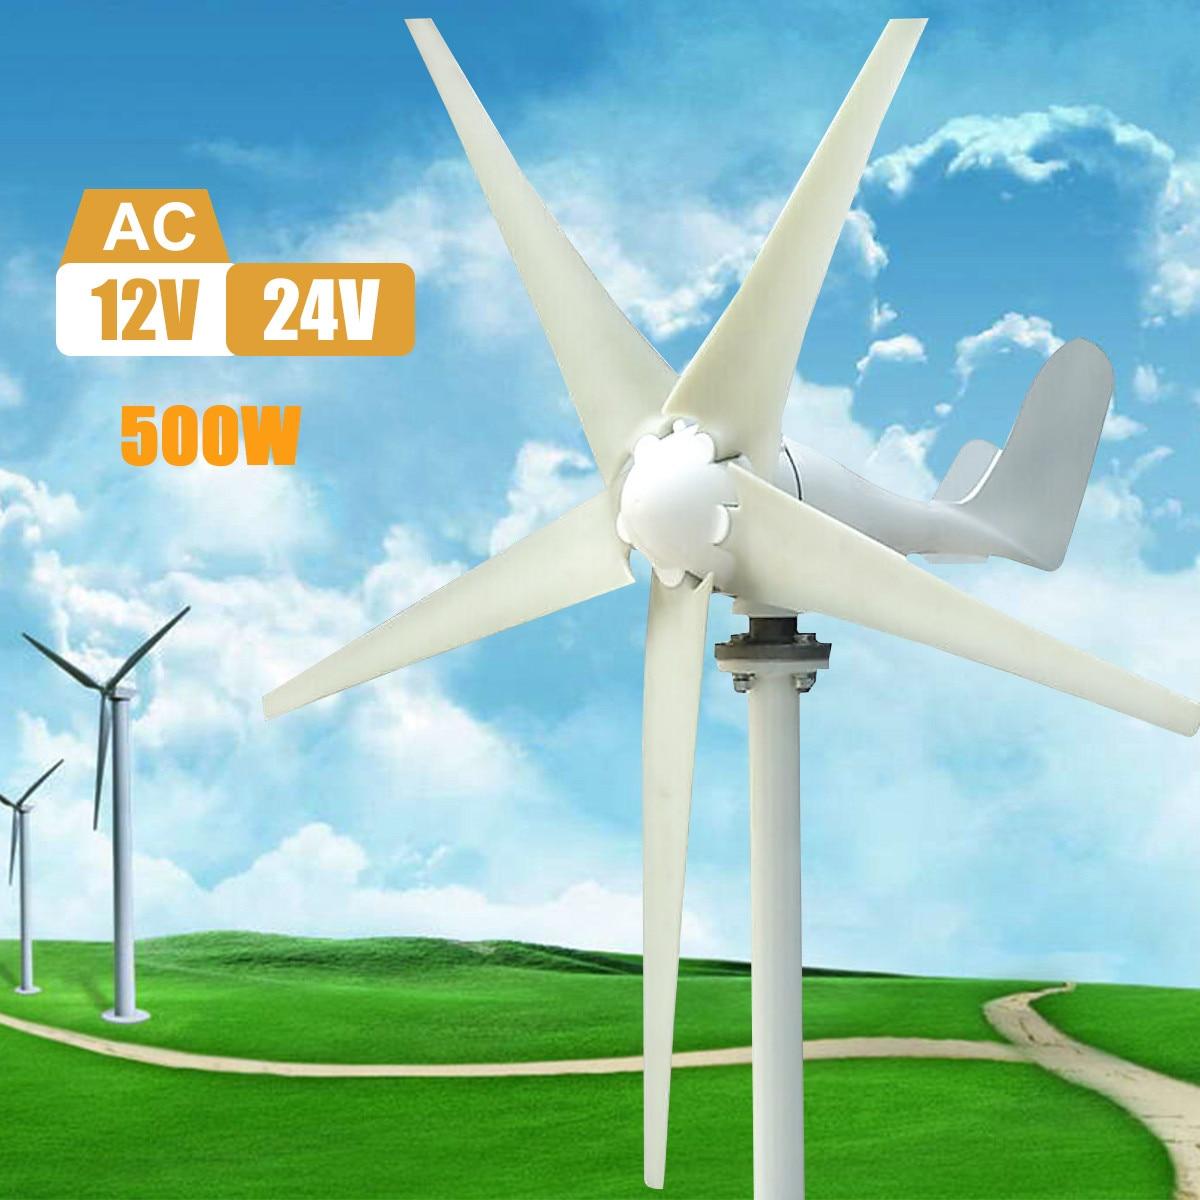 500 w Max 600 w Vent Turbine Générateur AC 12 v/24 v 5 Lame Alimentation pour La Maison hybride lampadaire utiliser